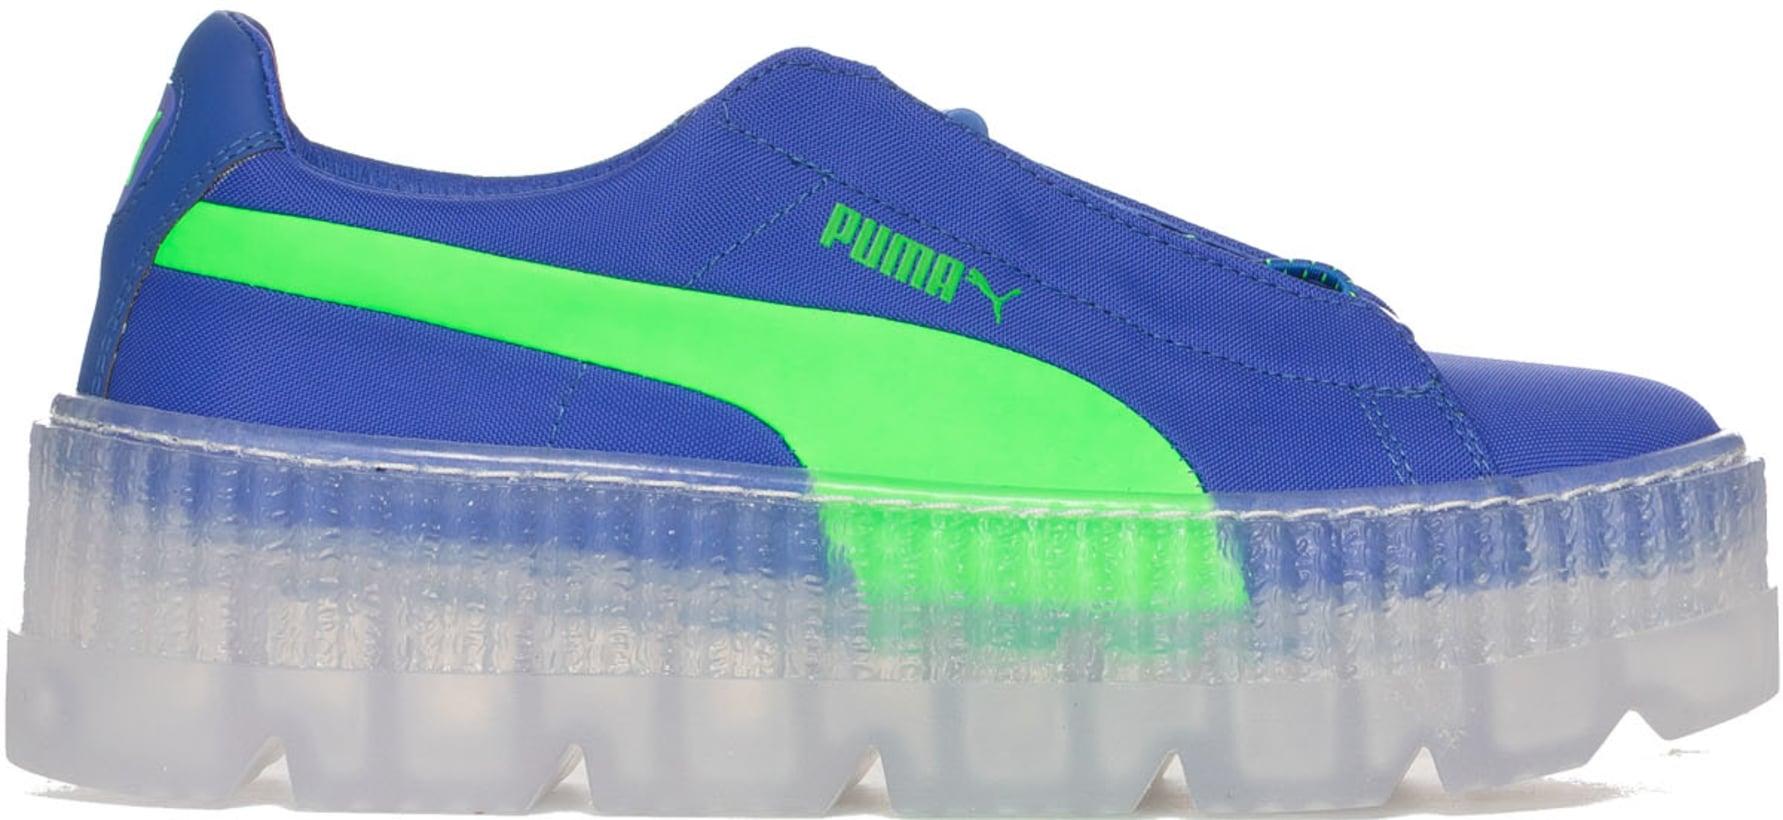 ac4a09ef74182f Puma  Cleated Creeper Surf - Dazzling Blue Green Gecko